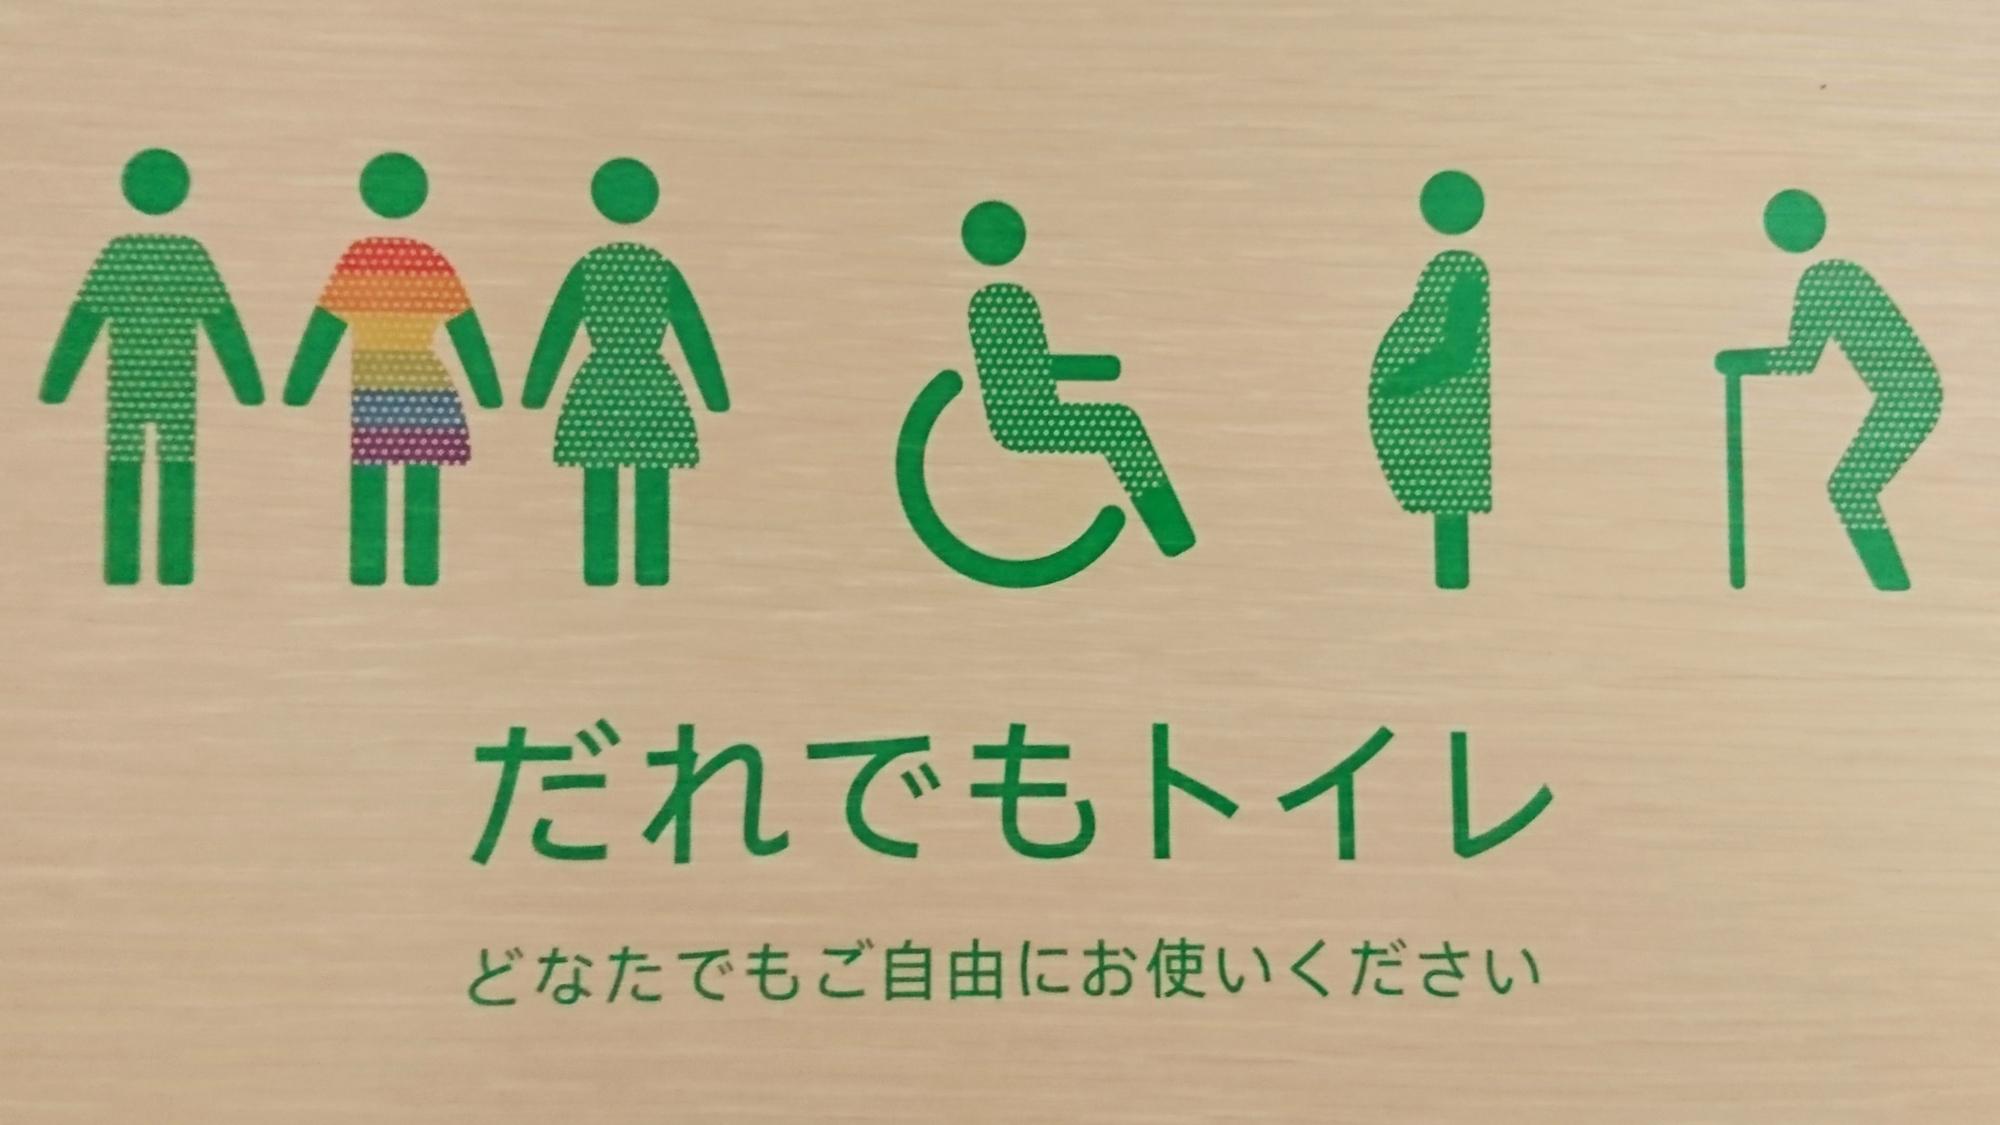 多目的トイレ マーク 無料